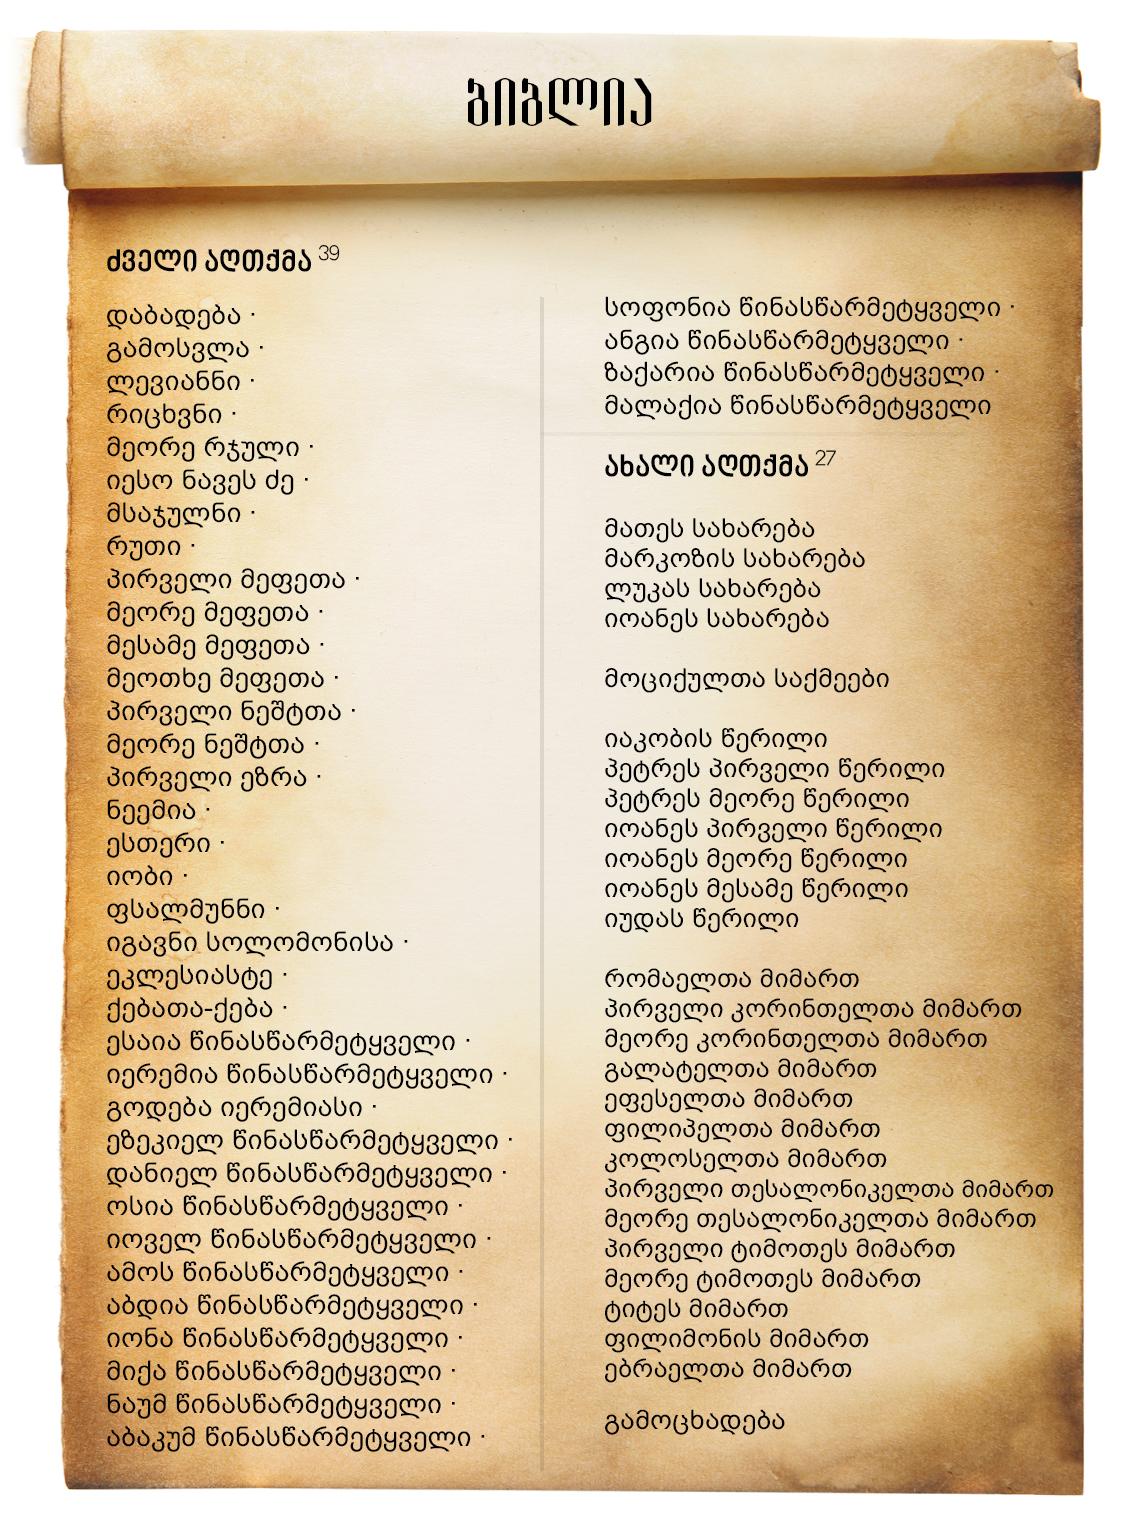 ბიბლიის წიგნები სია